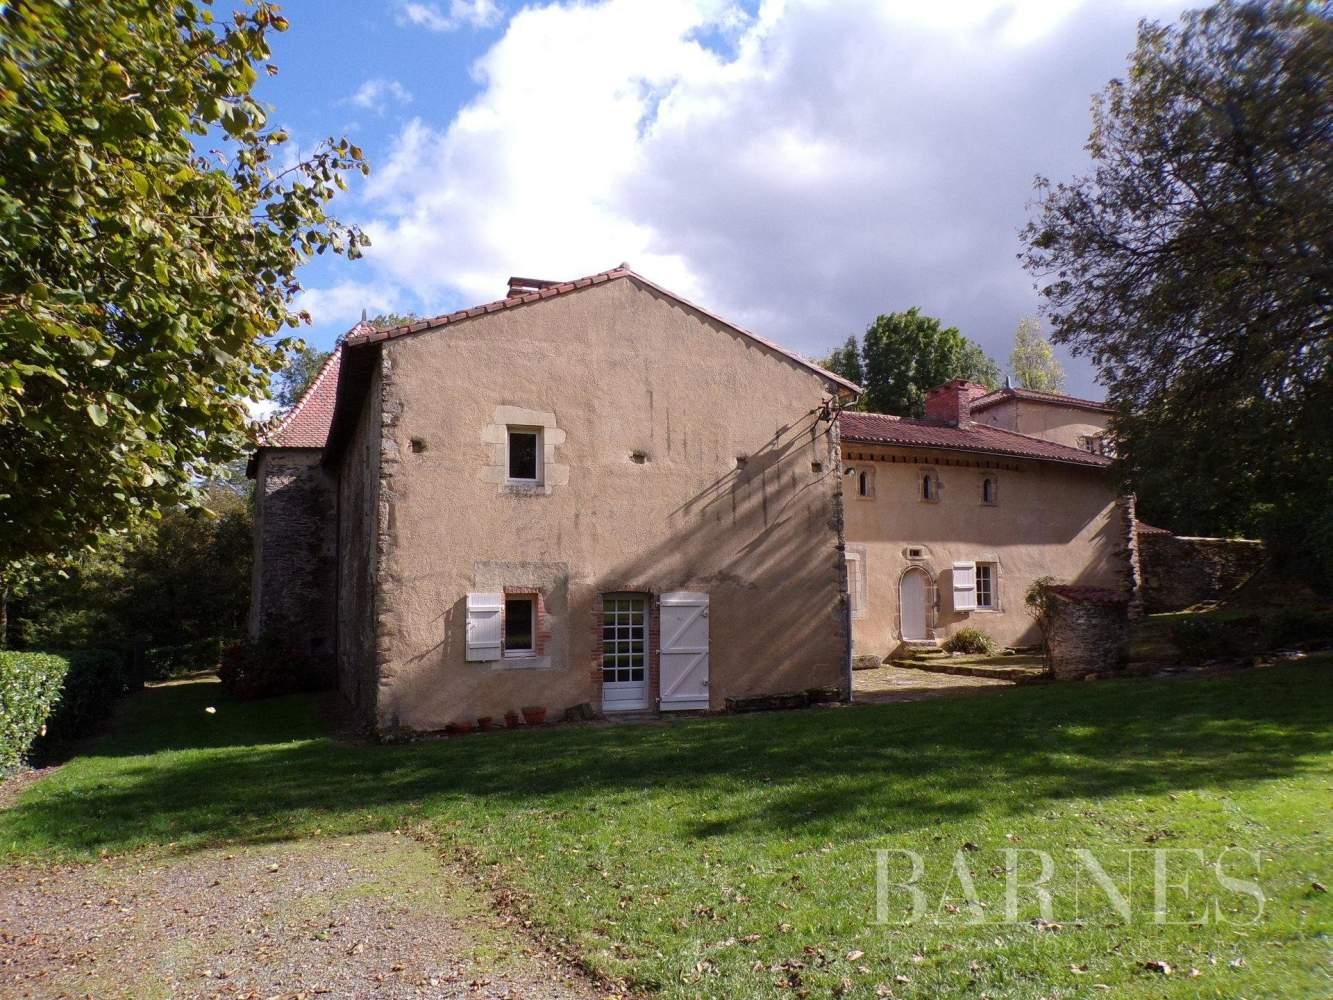 Chantonnay  - Maison 10 Pièces - picture 1